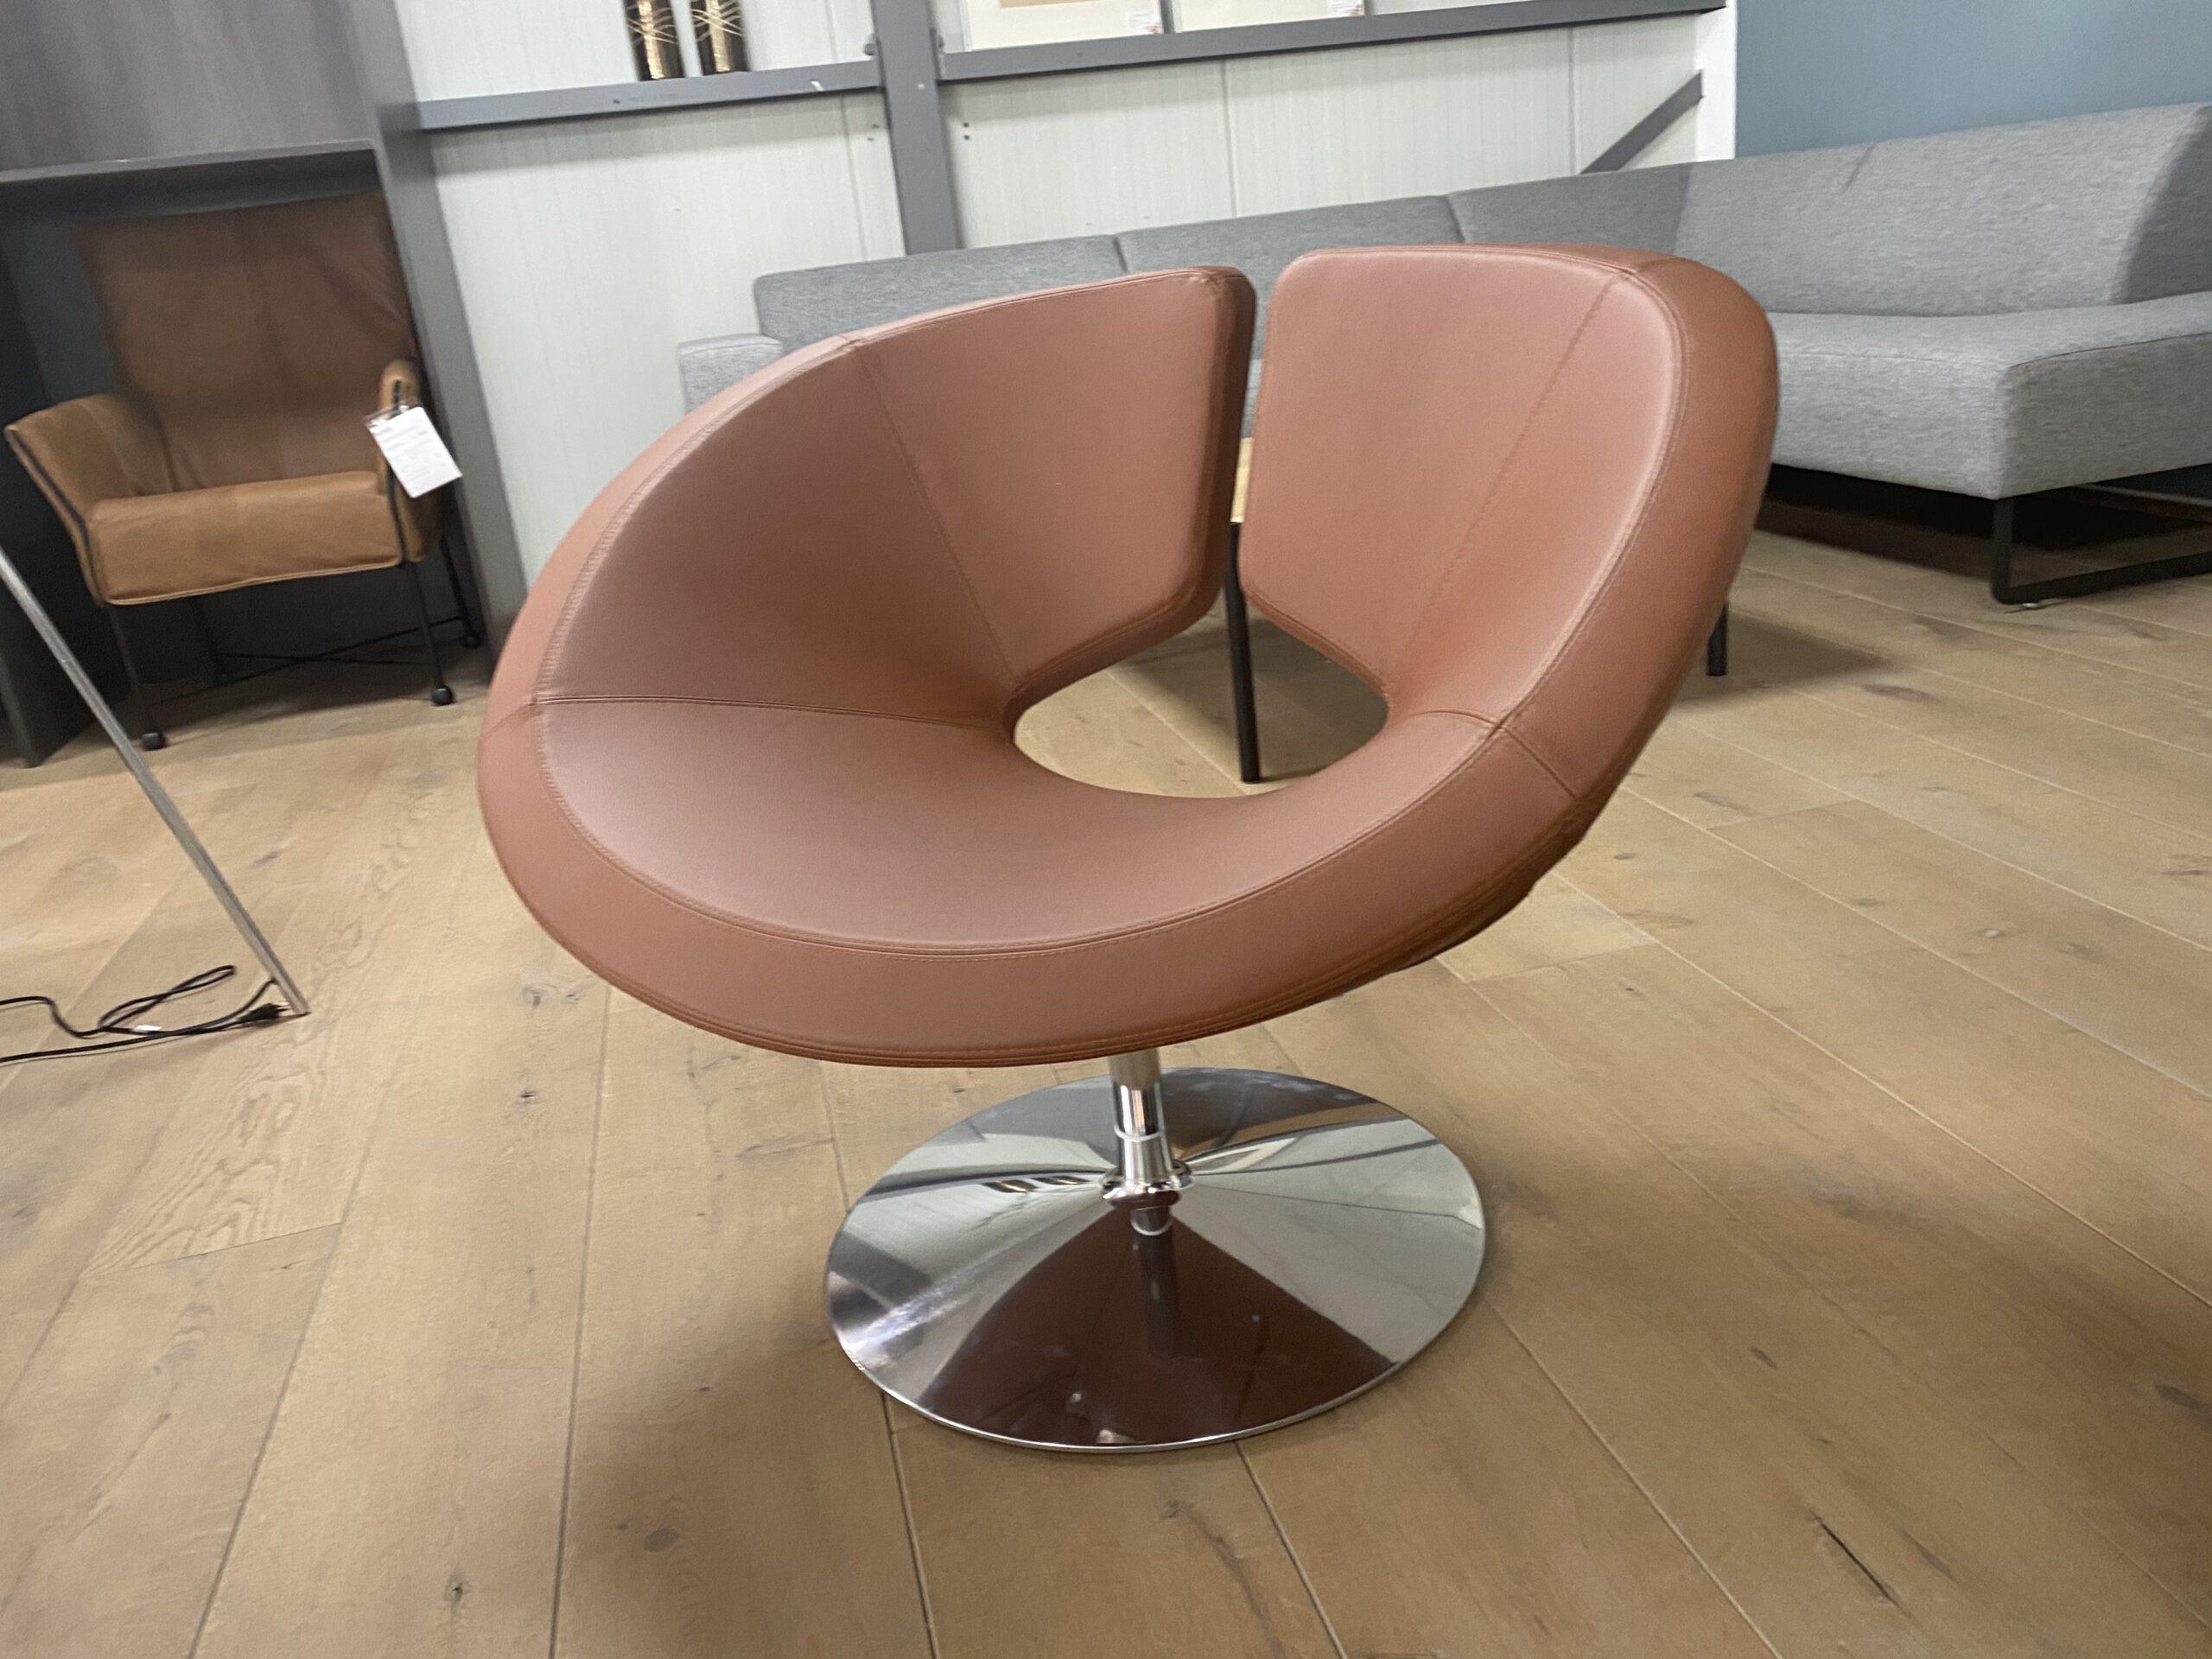 Artifort Apollo fauteuil bruin  - Showmodel